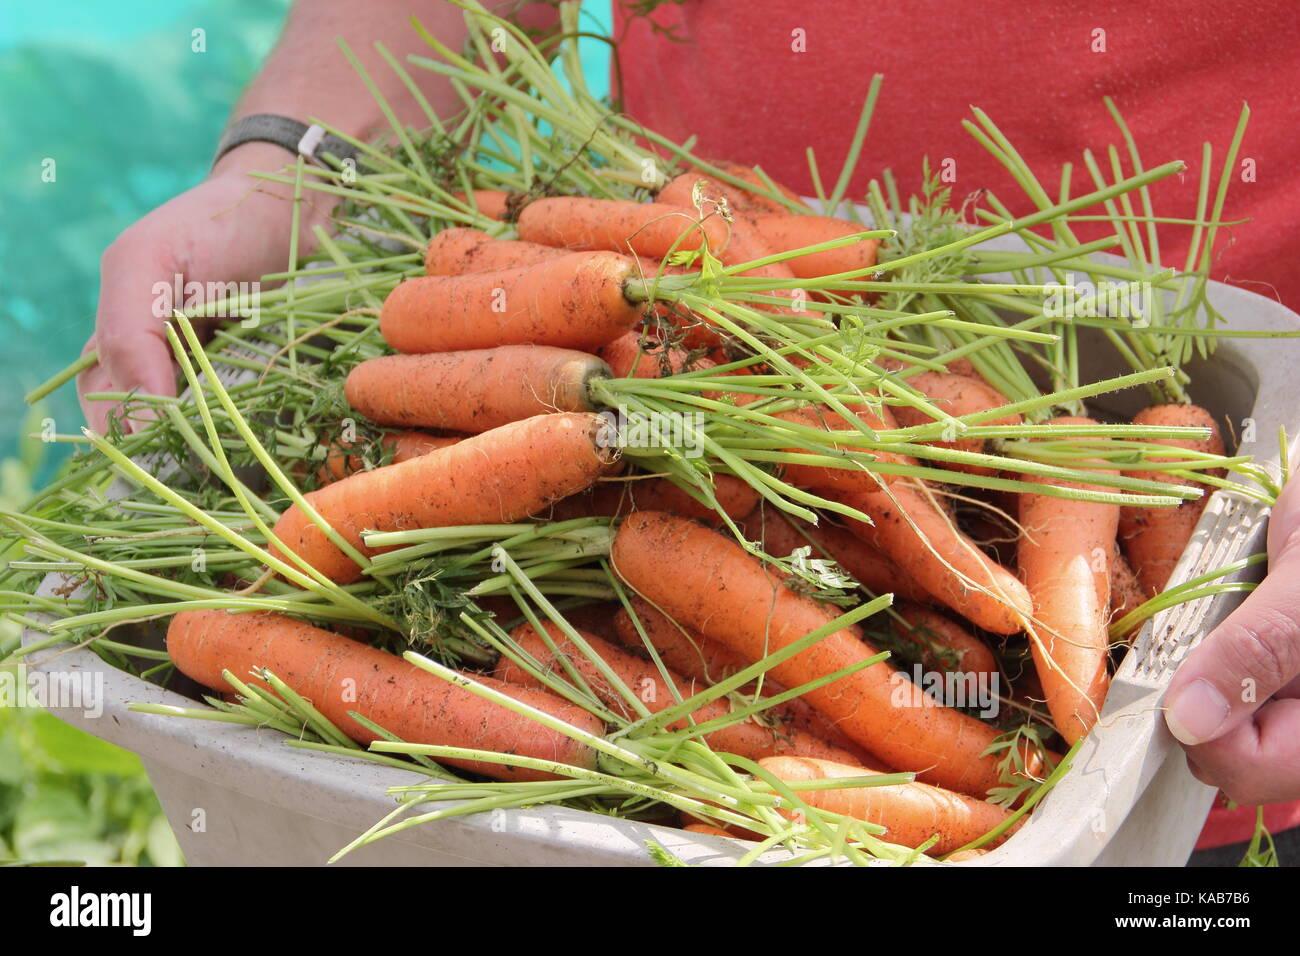 """Appena raccolto cresciuto in casa """" Nairobi """" varietà di carote sono portati da un giardiniere attraverso Immagini Stock"""